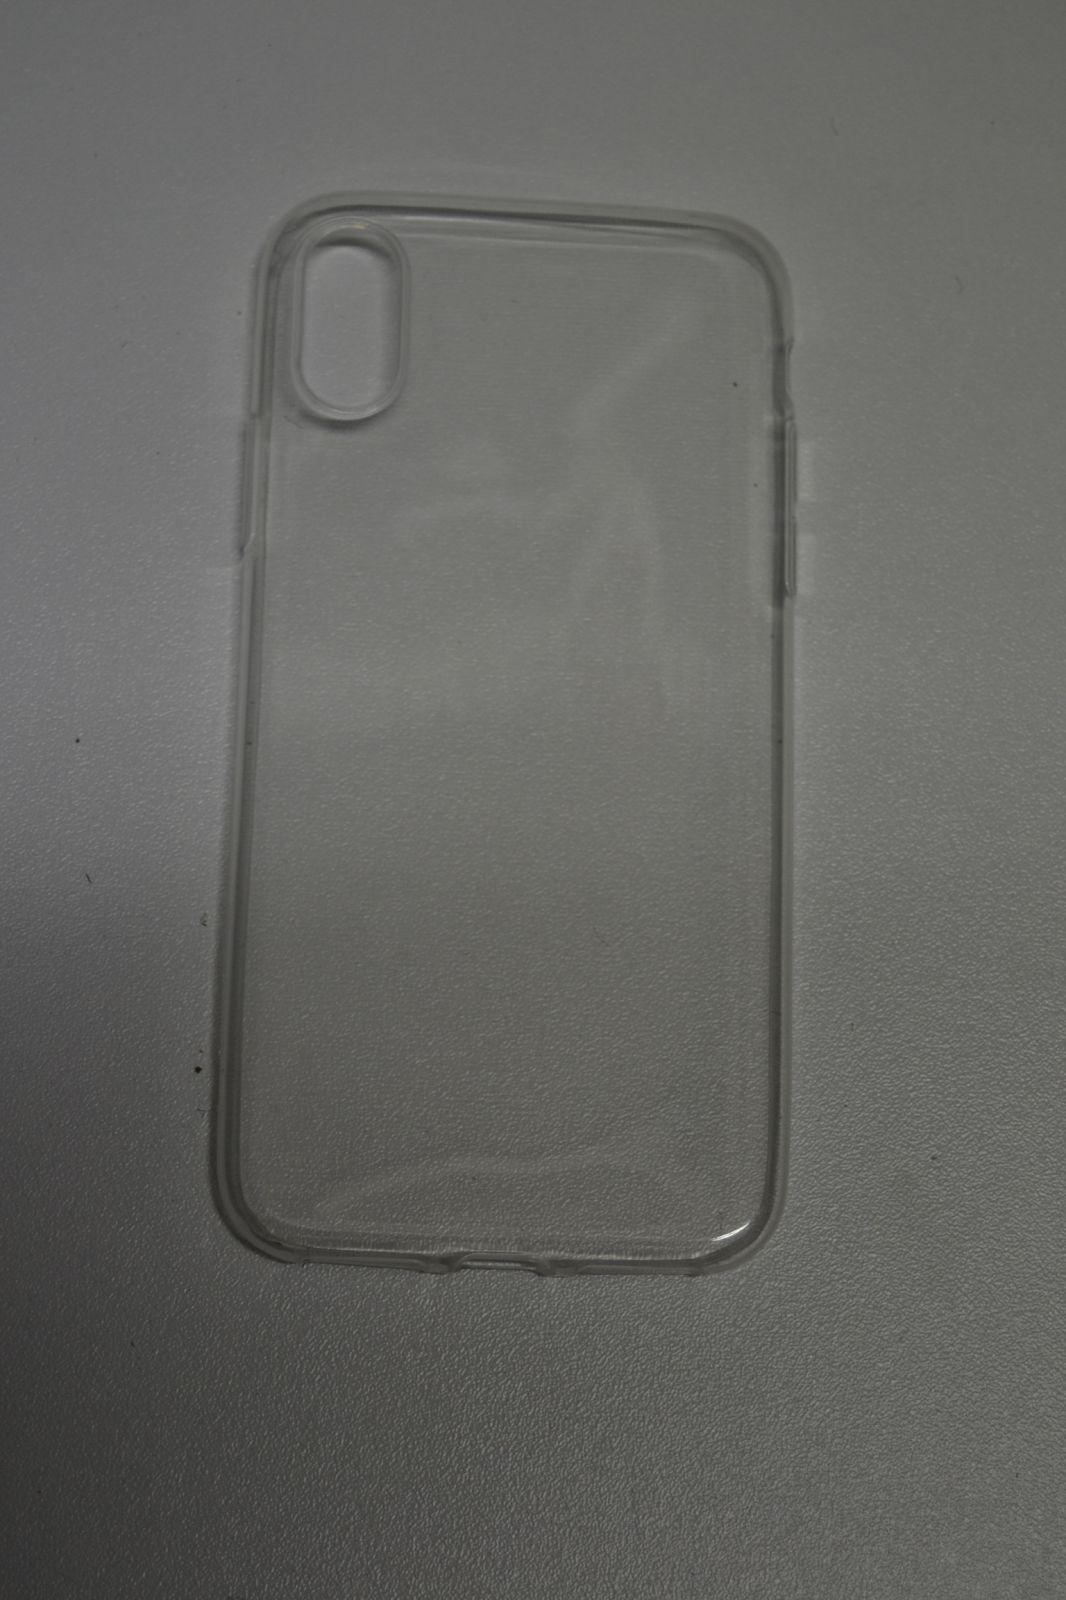 Silikonový kryt na mobilní telefon iPhone X 17e0403725c